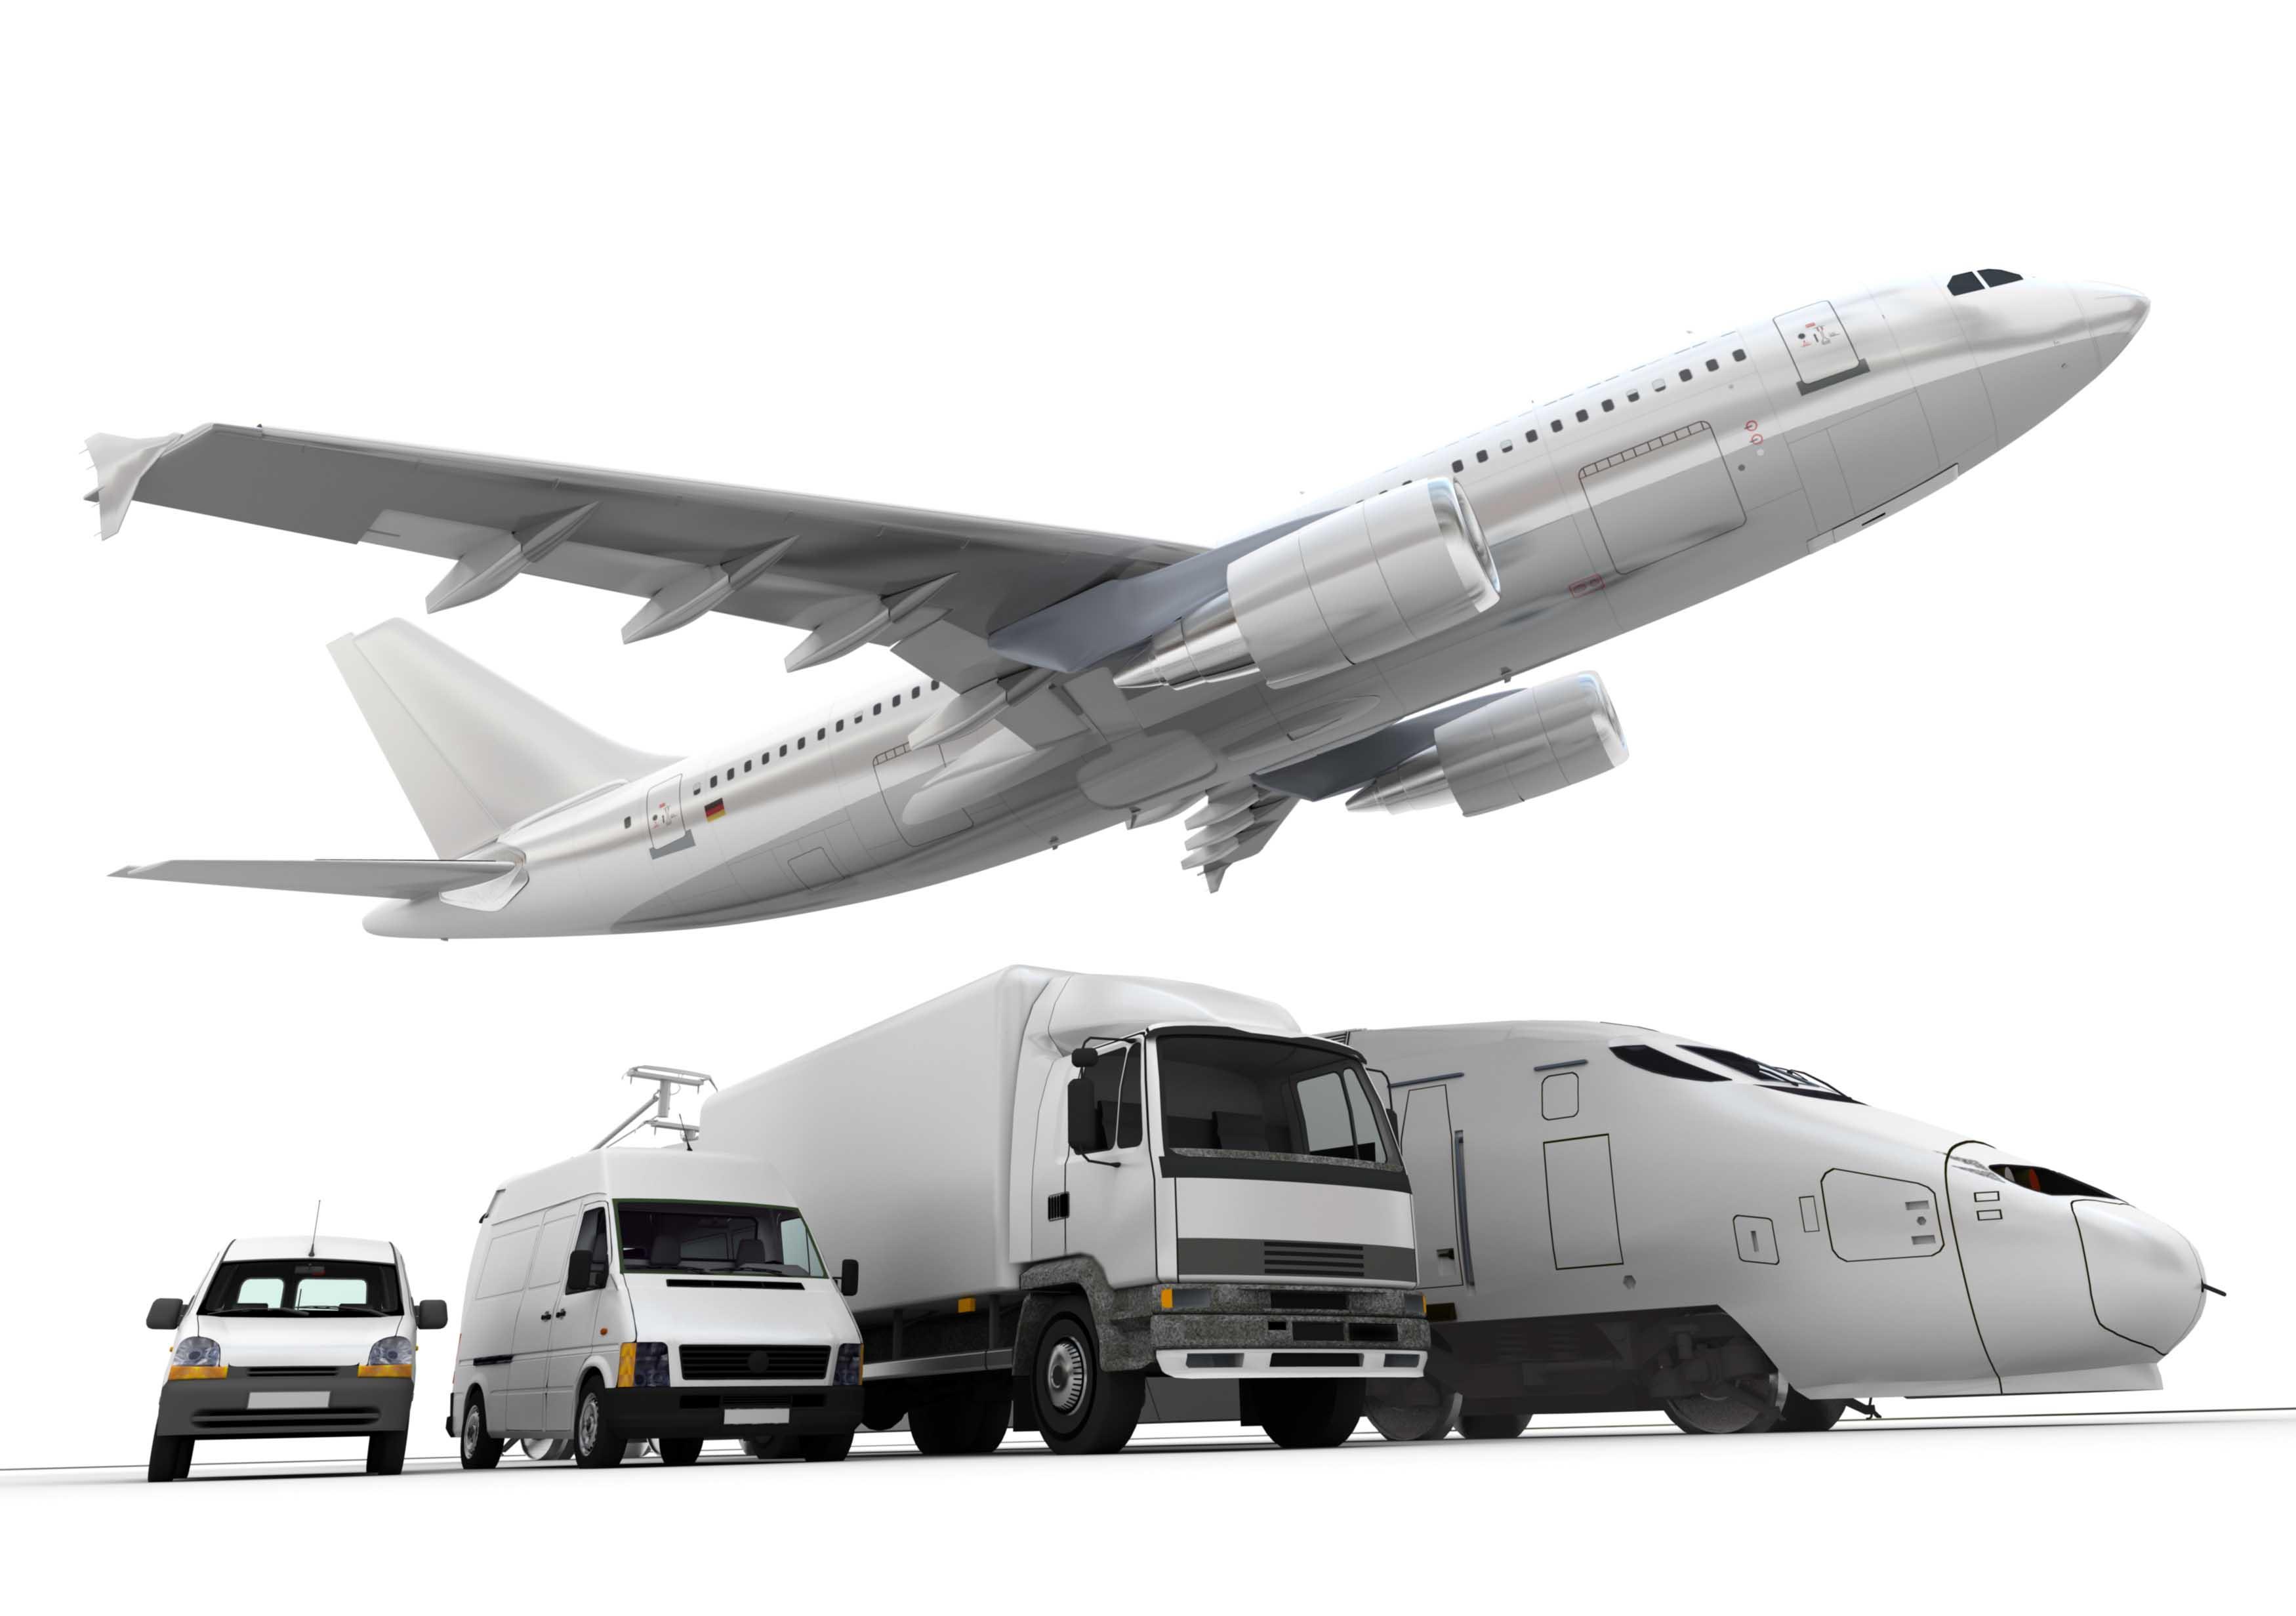 Kinh nghiệm vận chuyển hàng hóa bằng đường hàng không